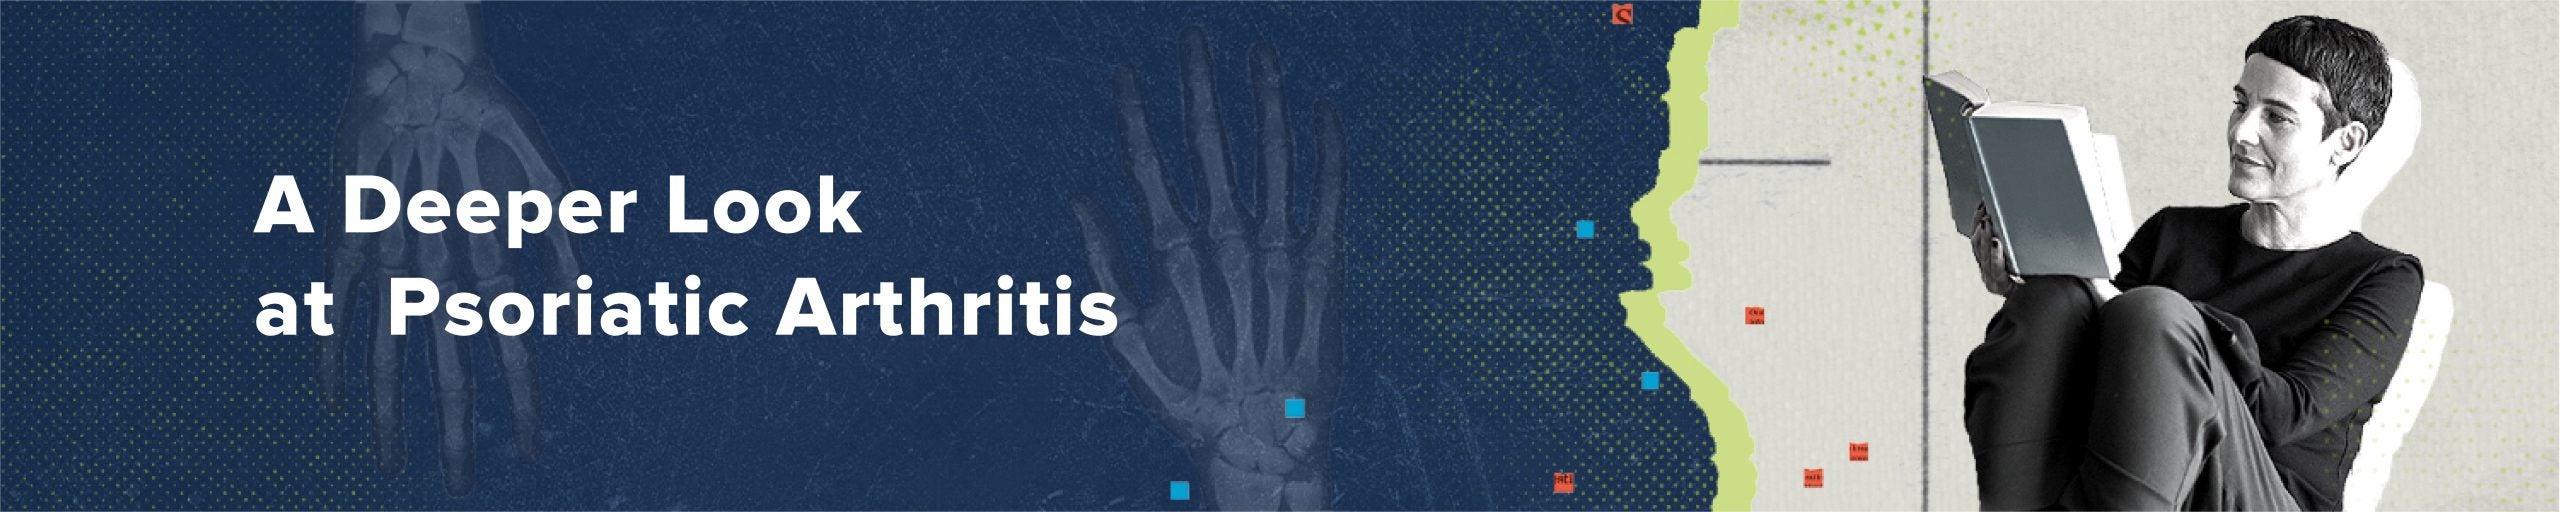 A Deeper Look at Psoriatic Arthritis